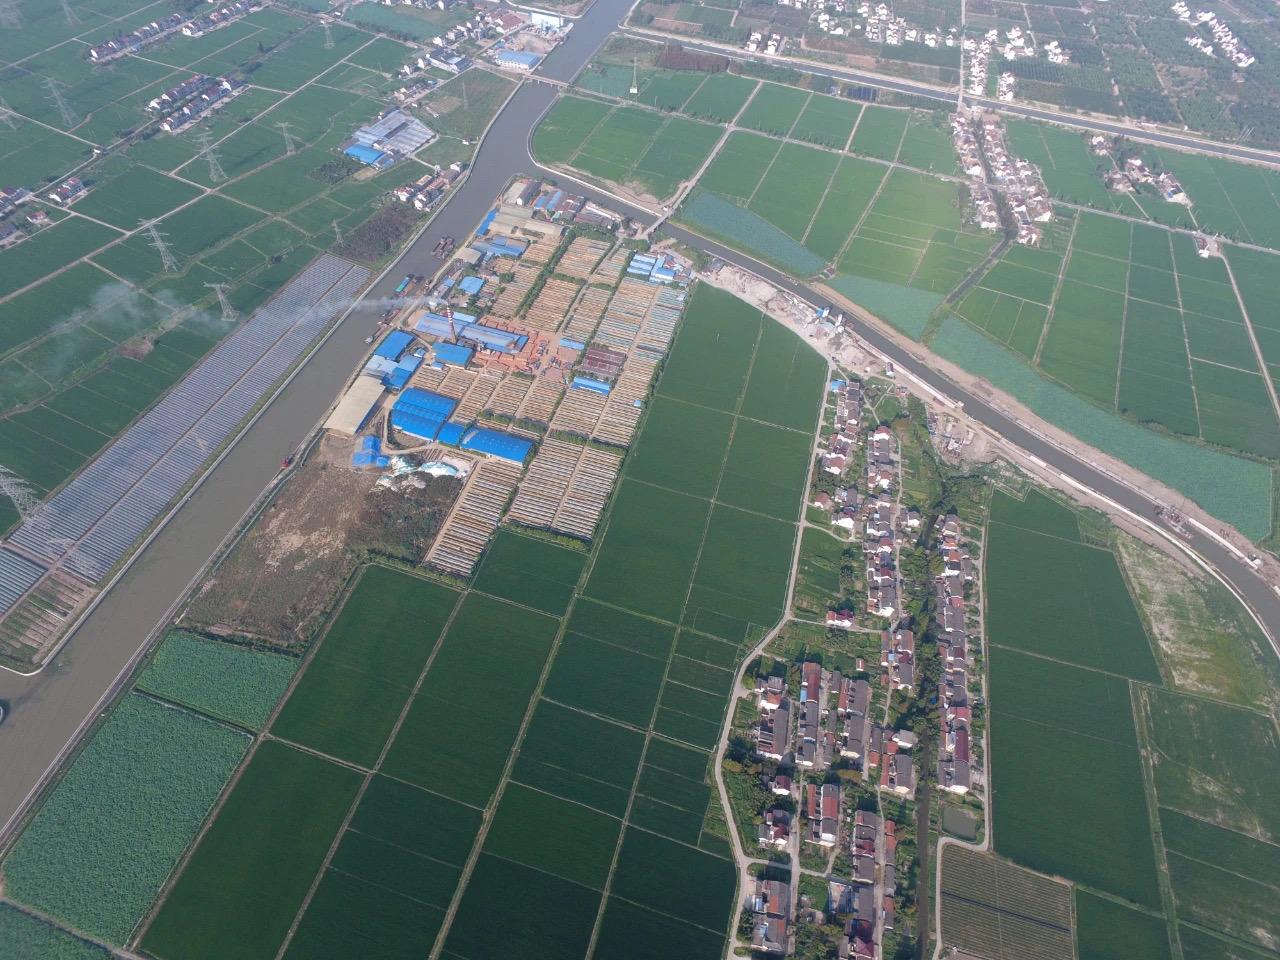 legoland-shanghai-95379600.jpg